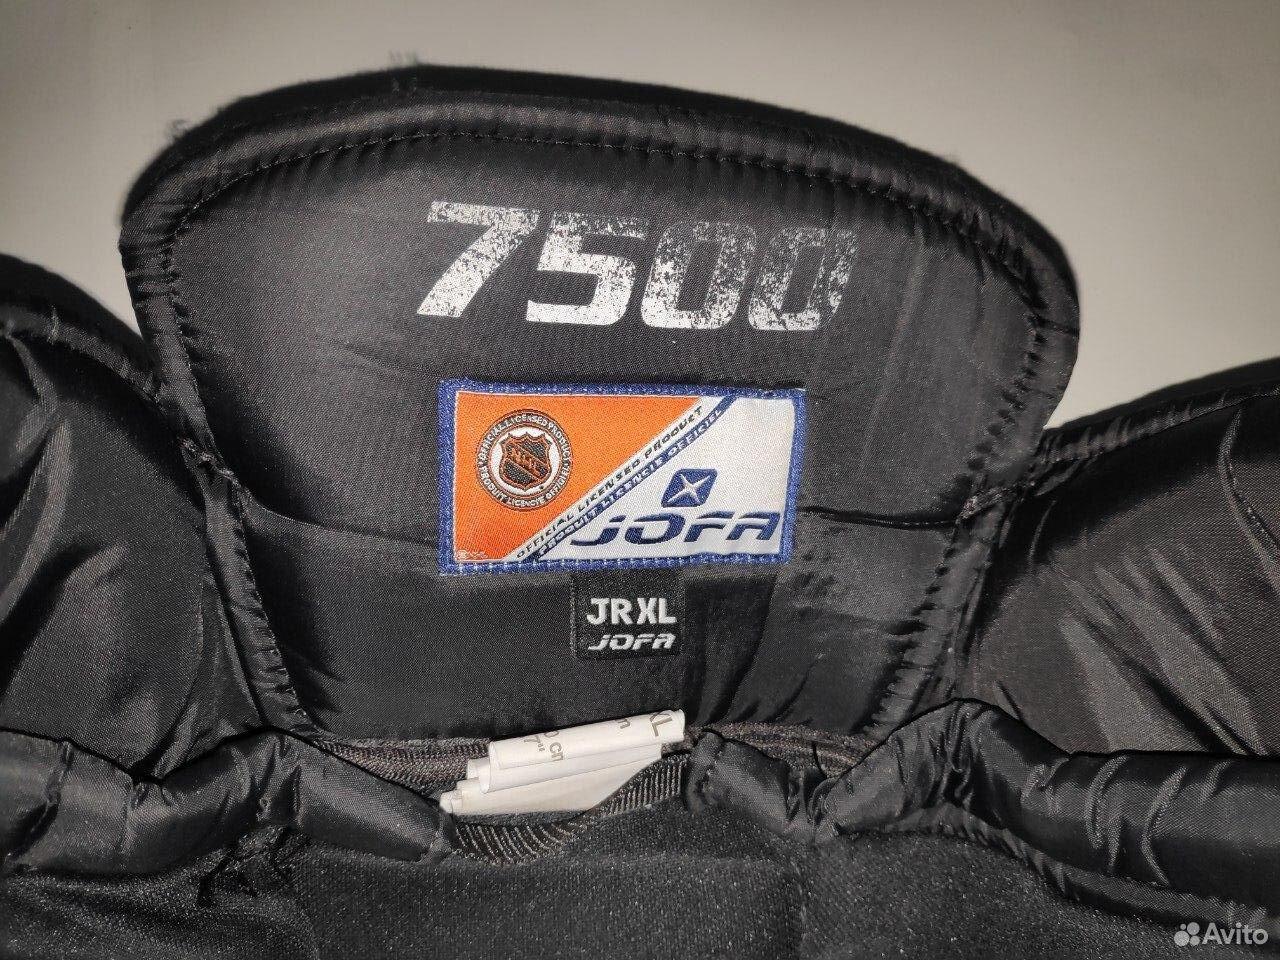 Хоккейные трусы-гирдлы Jofa 7500 Jr XL